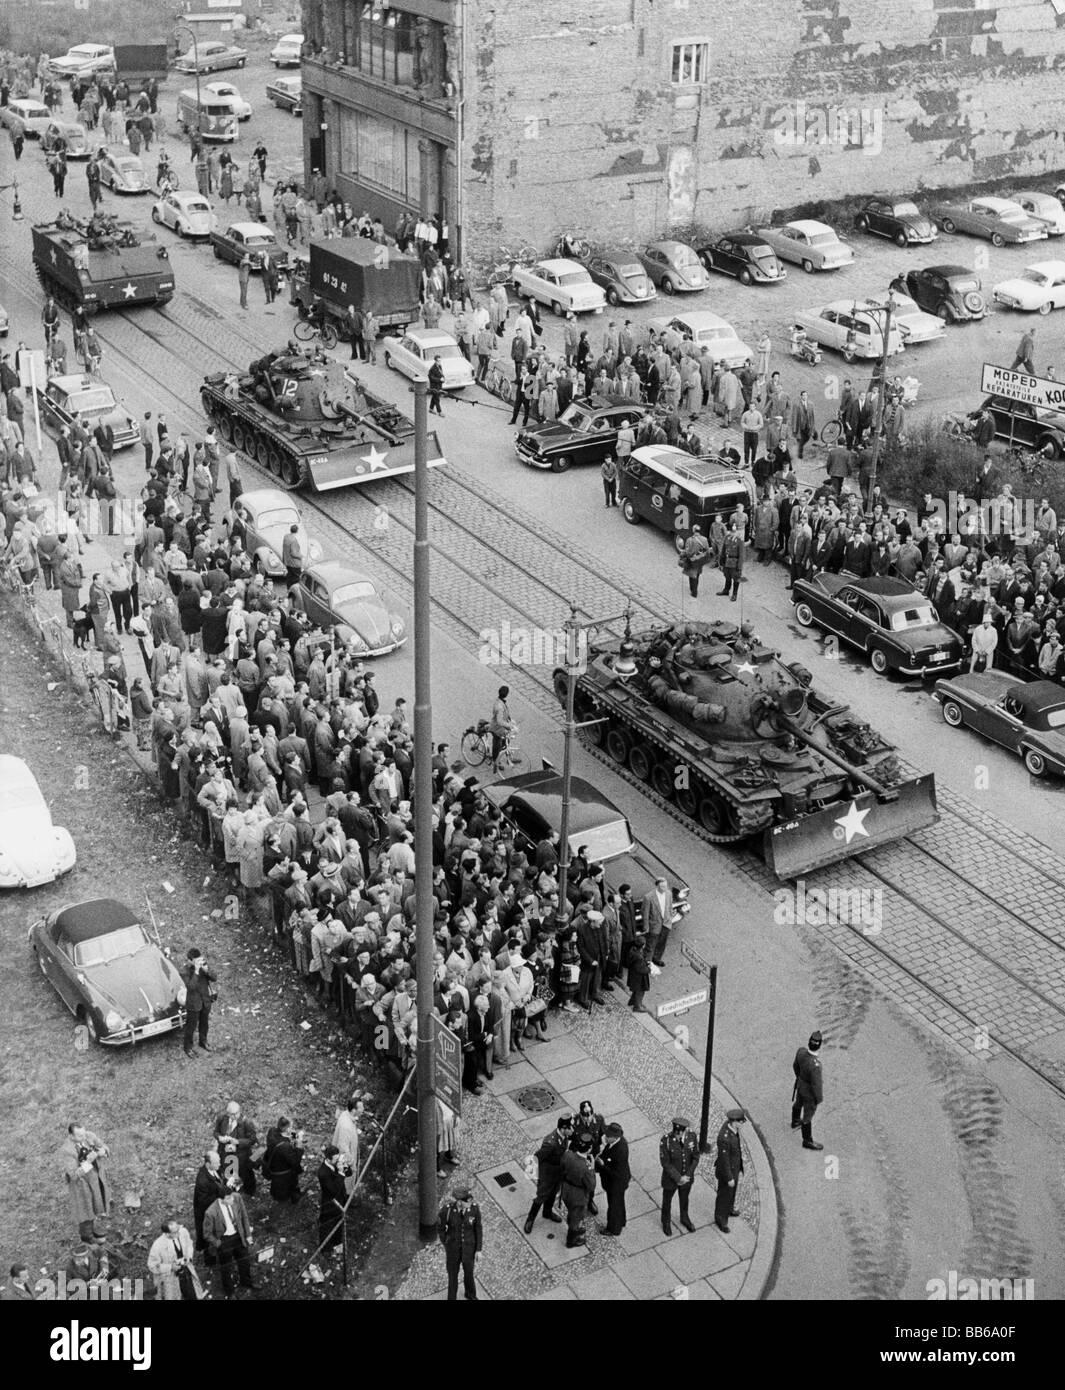 Geografía / viajes, Alemania, Berlín, política, tanques americanos en la Friedrichstrasse, 27.10.1961, Imagen De Stock